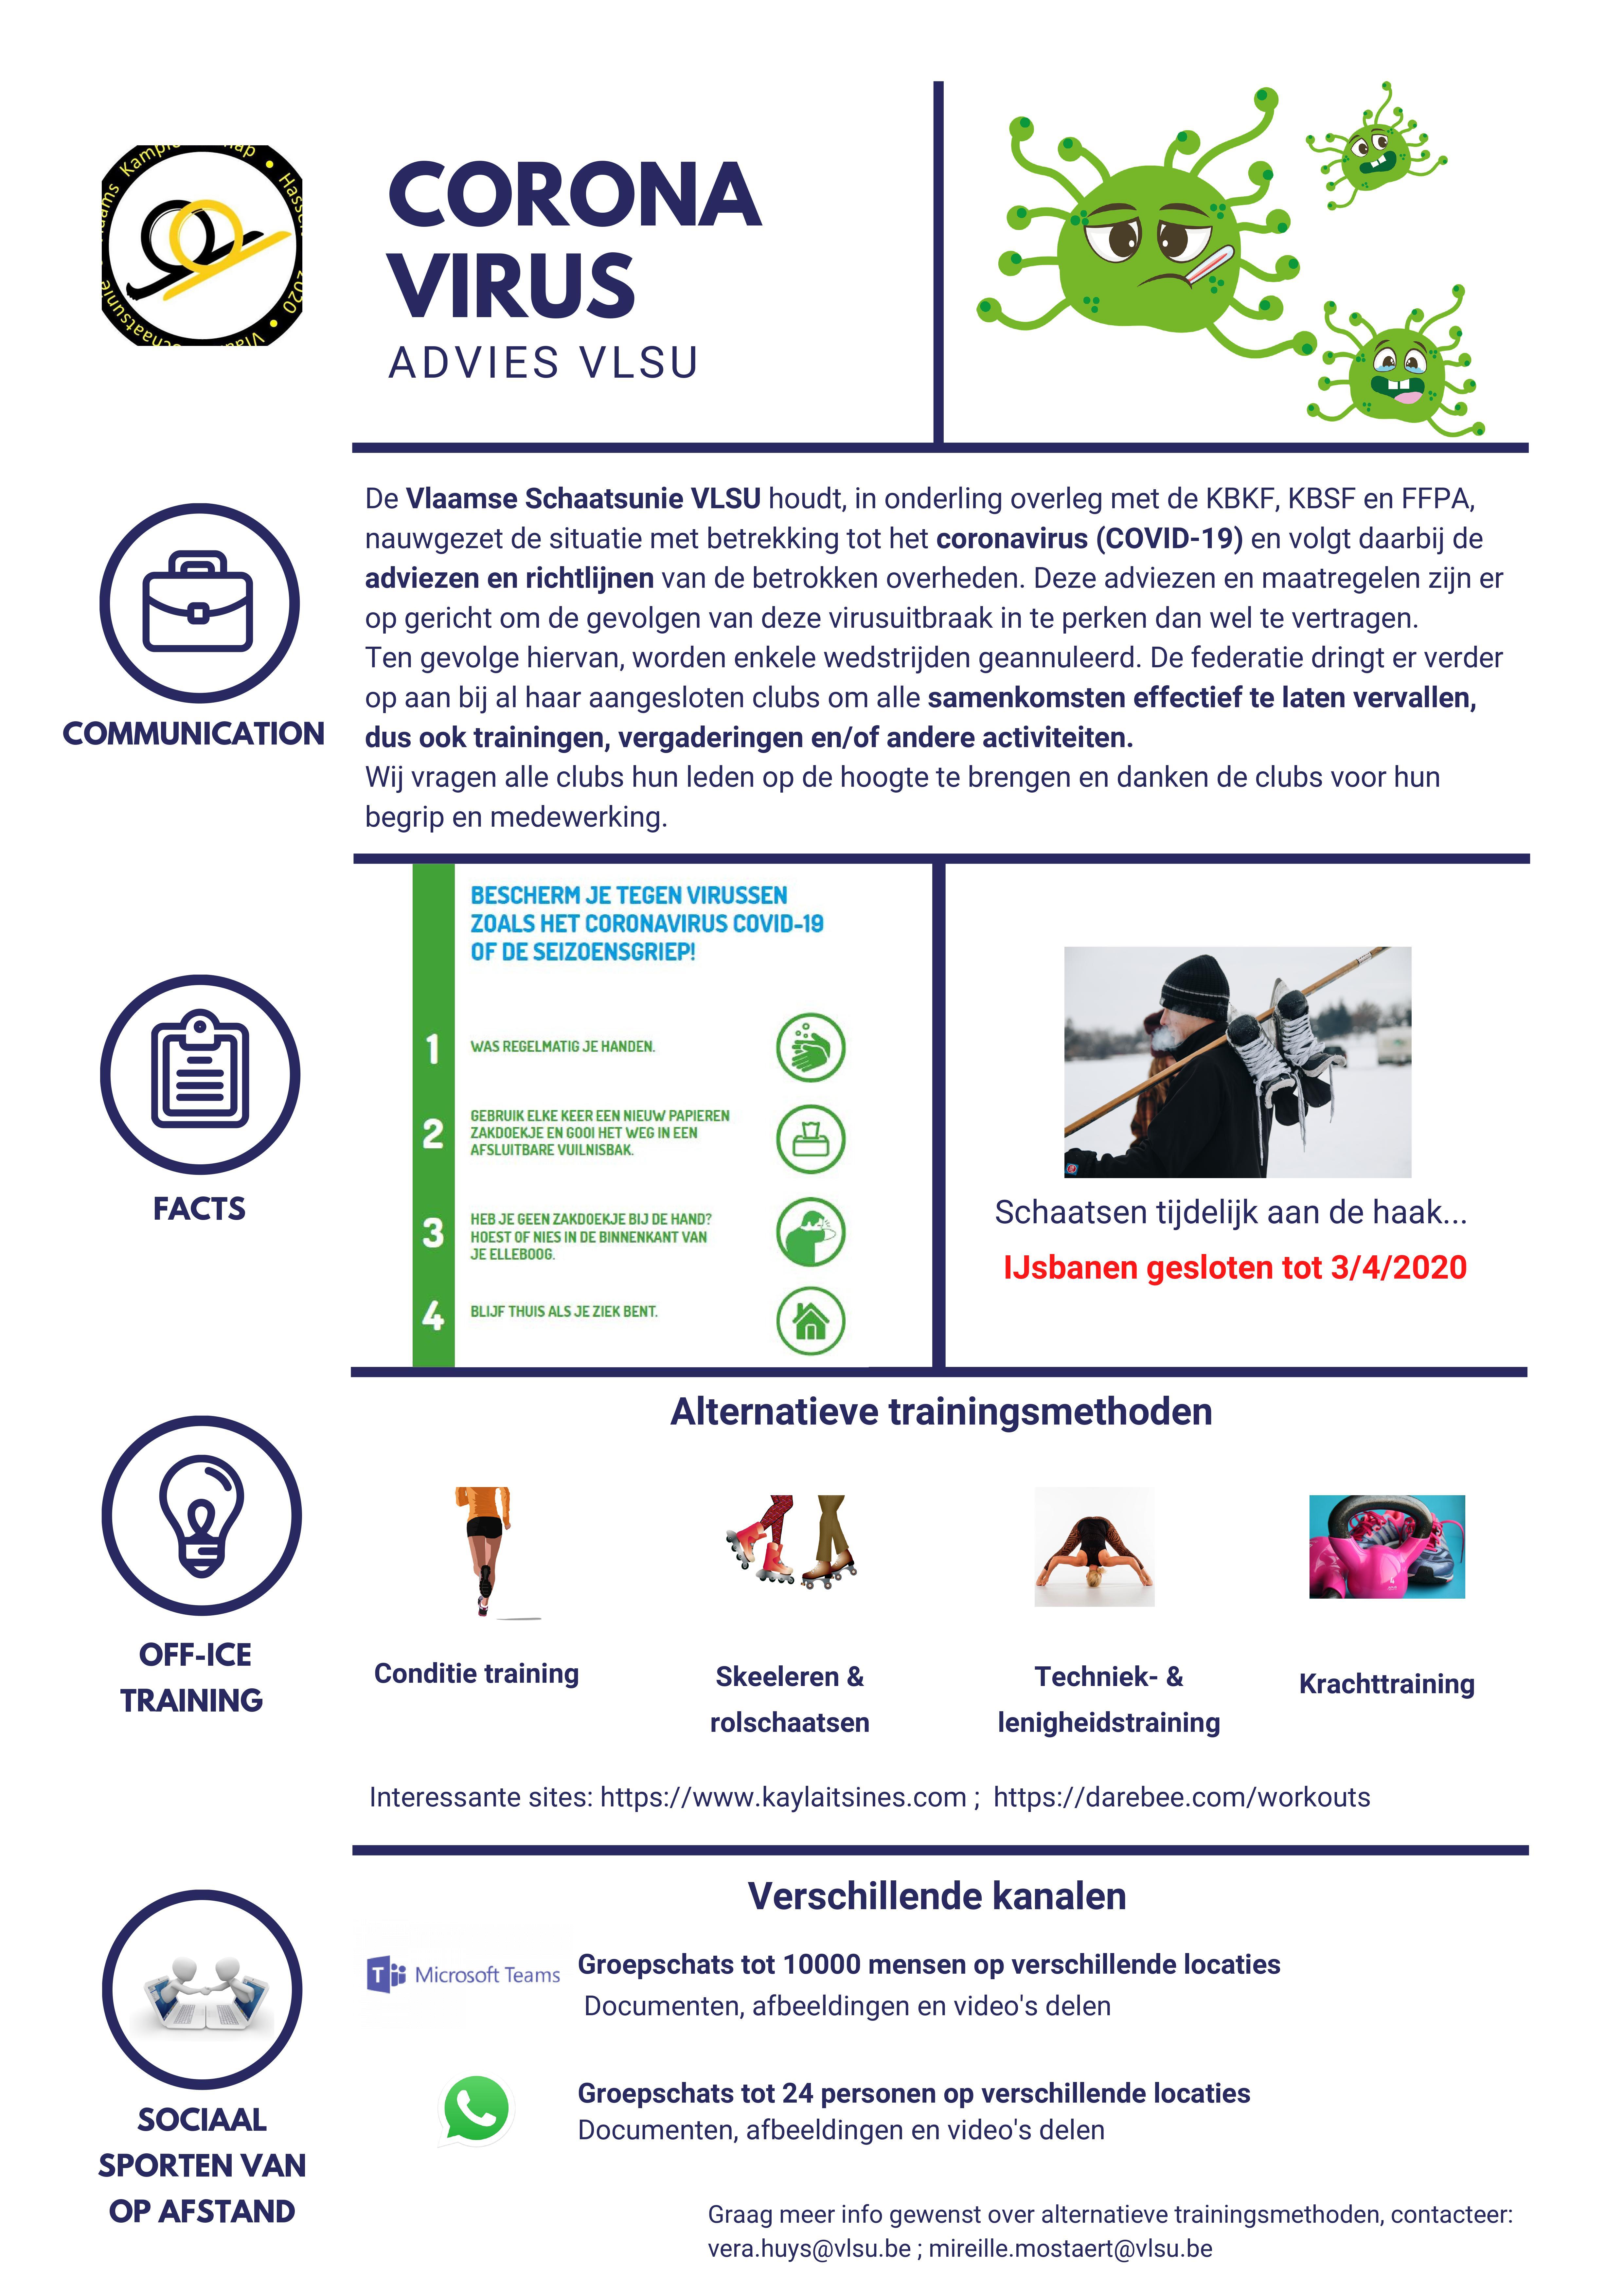 Coronabestrijding - tips van de VLSU